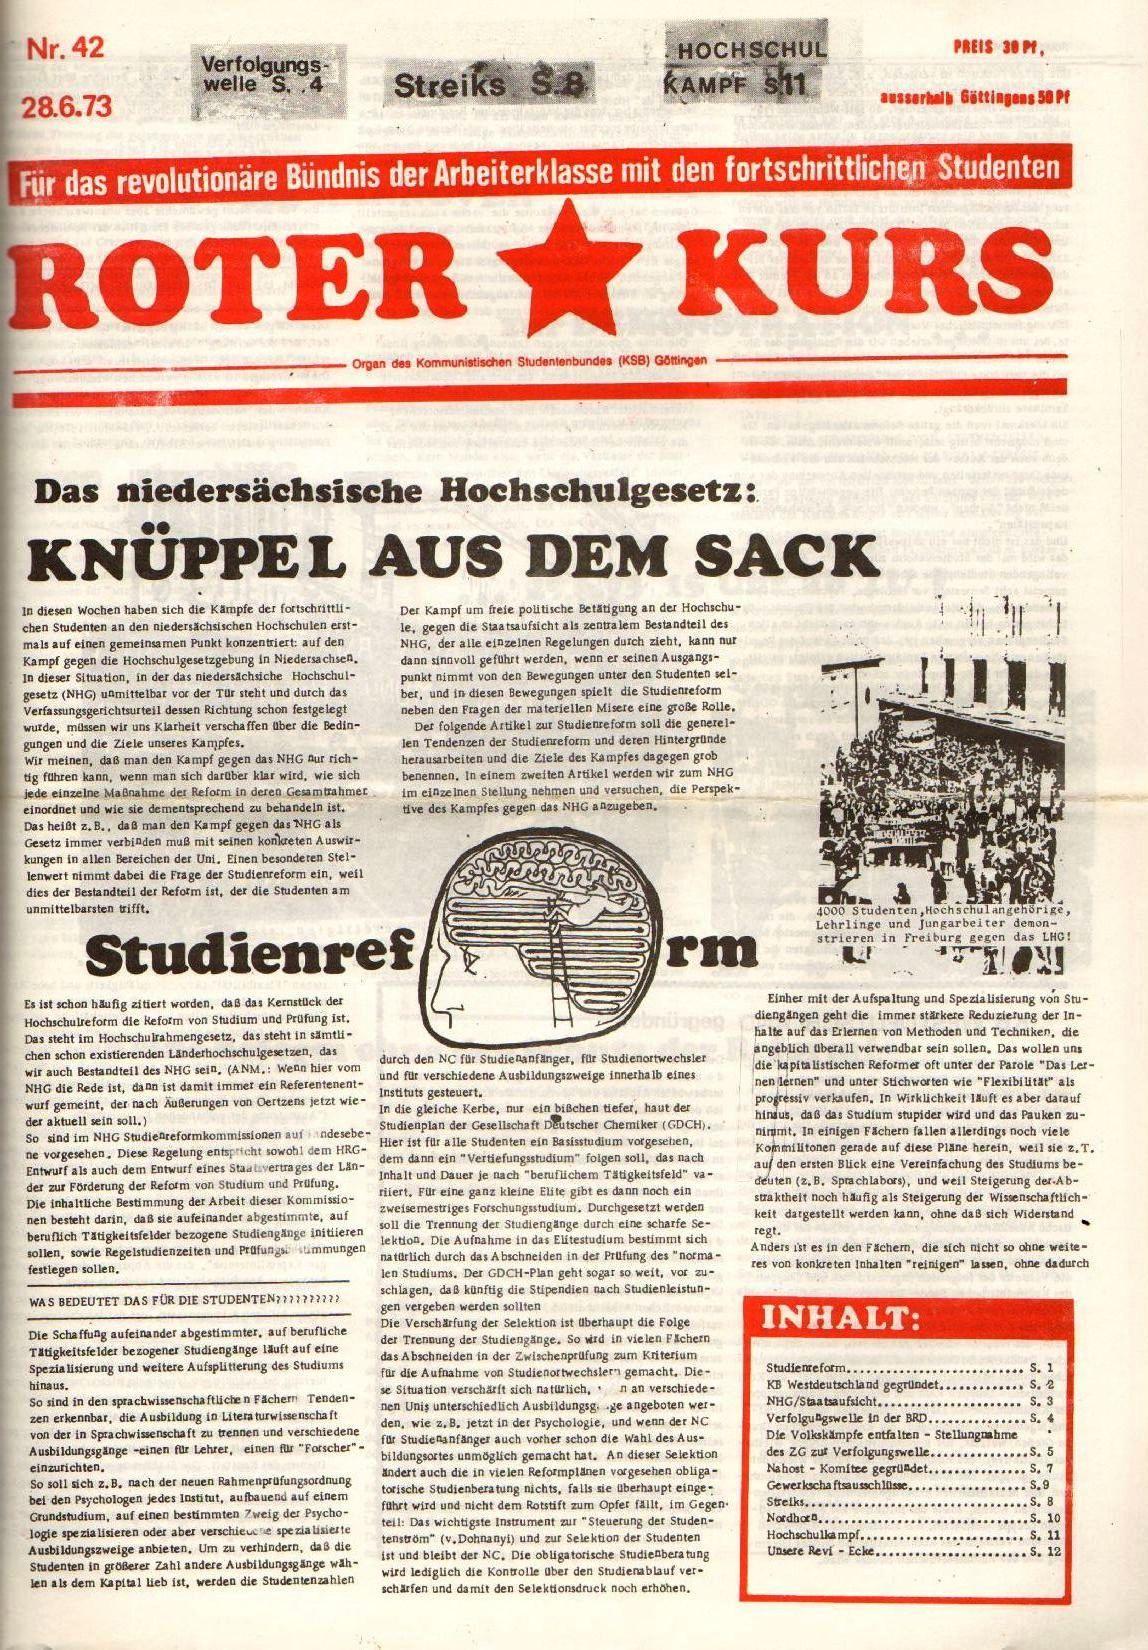 Goettingen_Roter_Kurs291